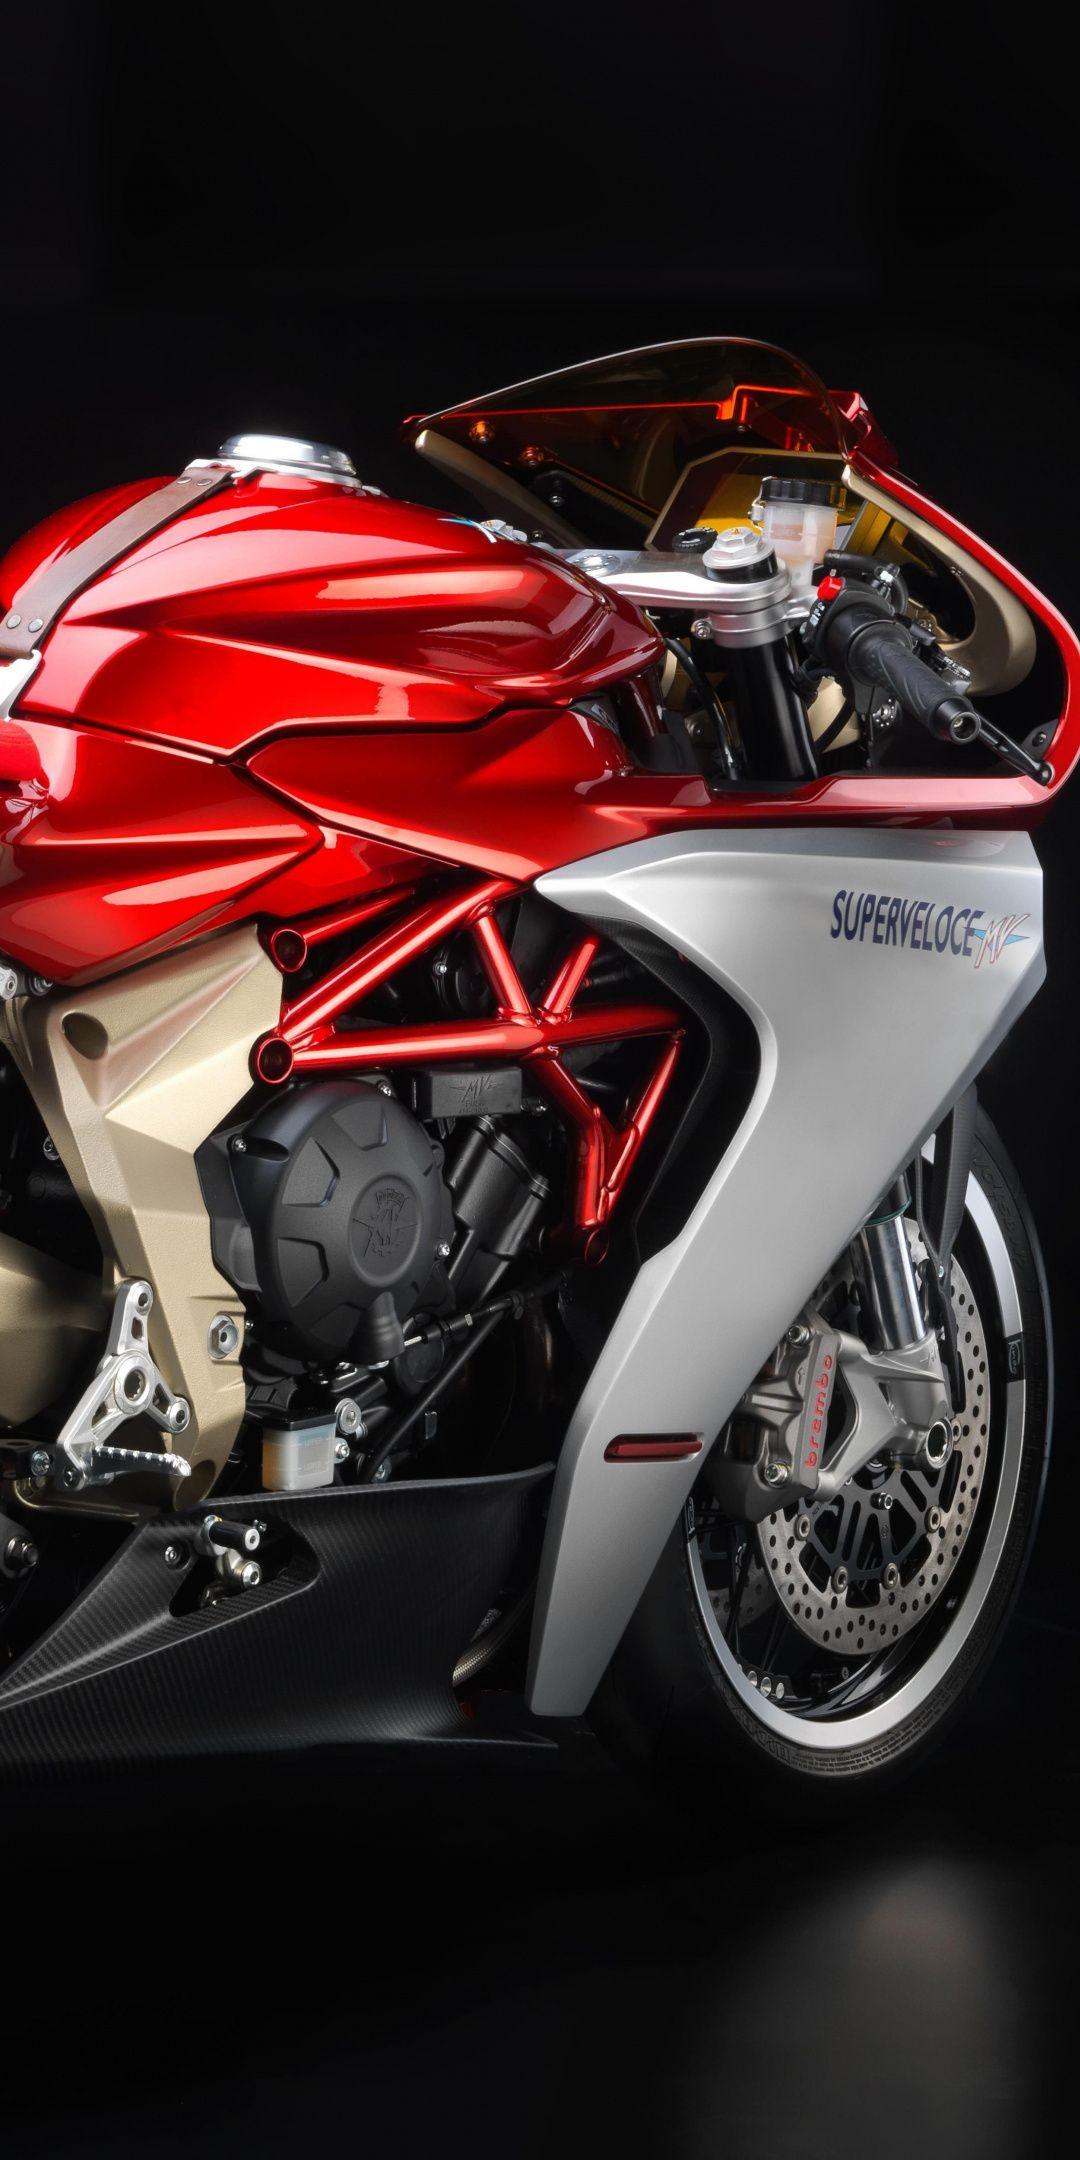 Mv Agusta Superveloce 800 Concept Sports Bike 2019 1080x2160